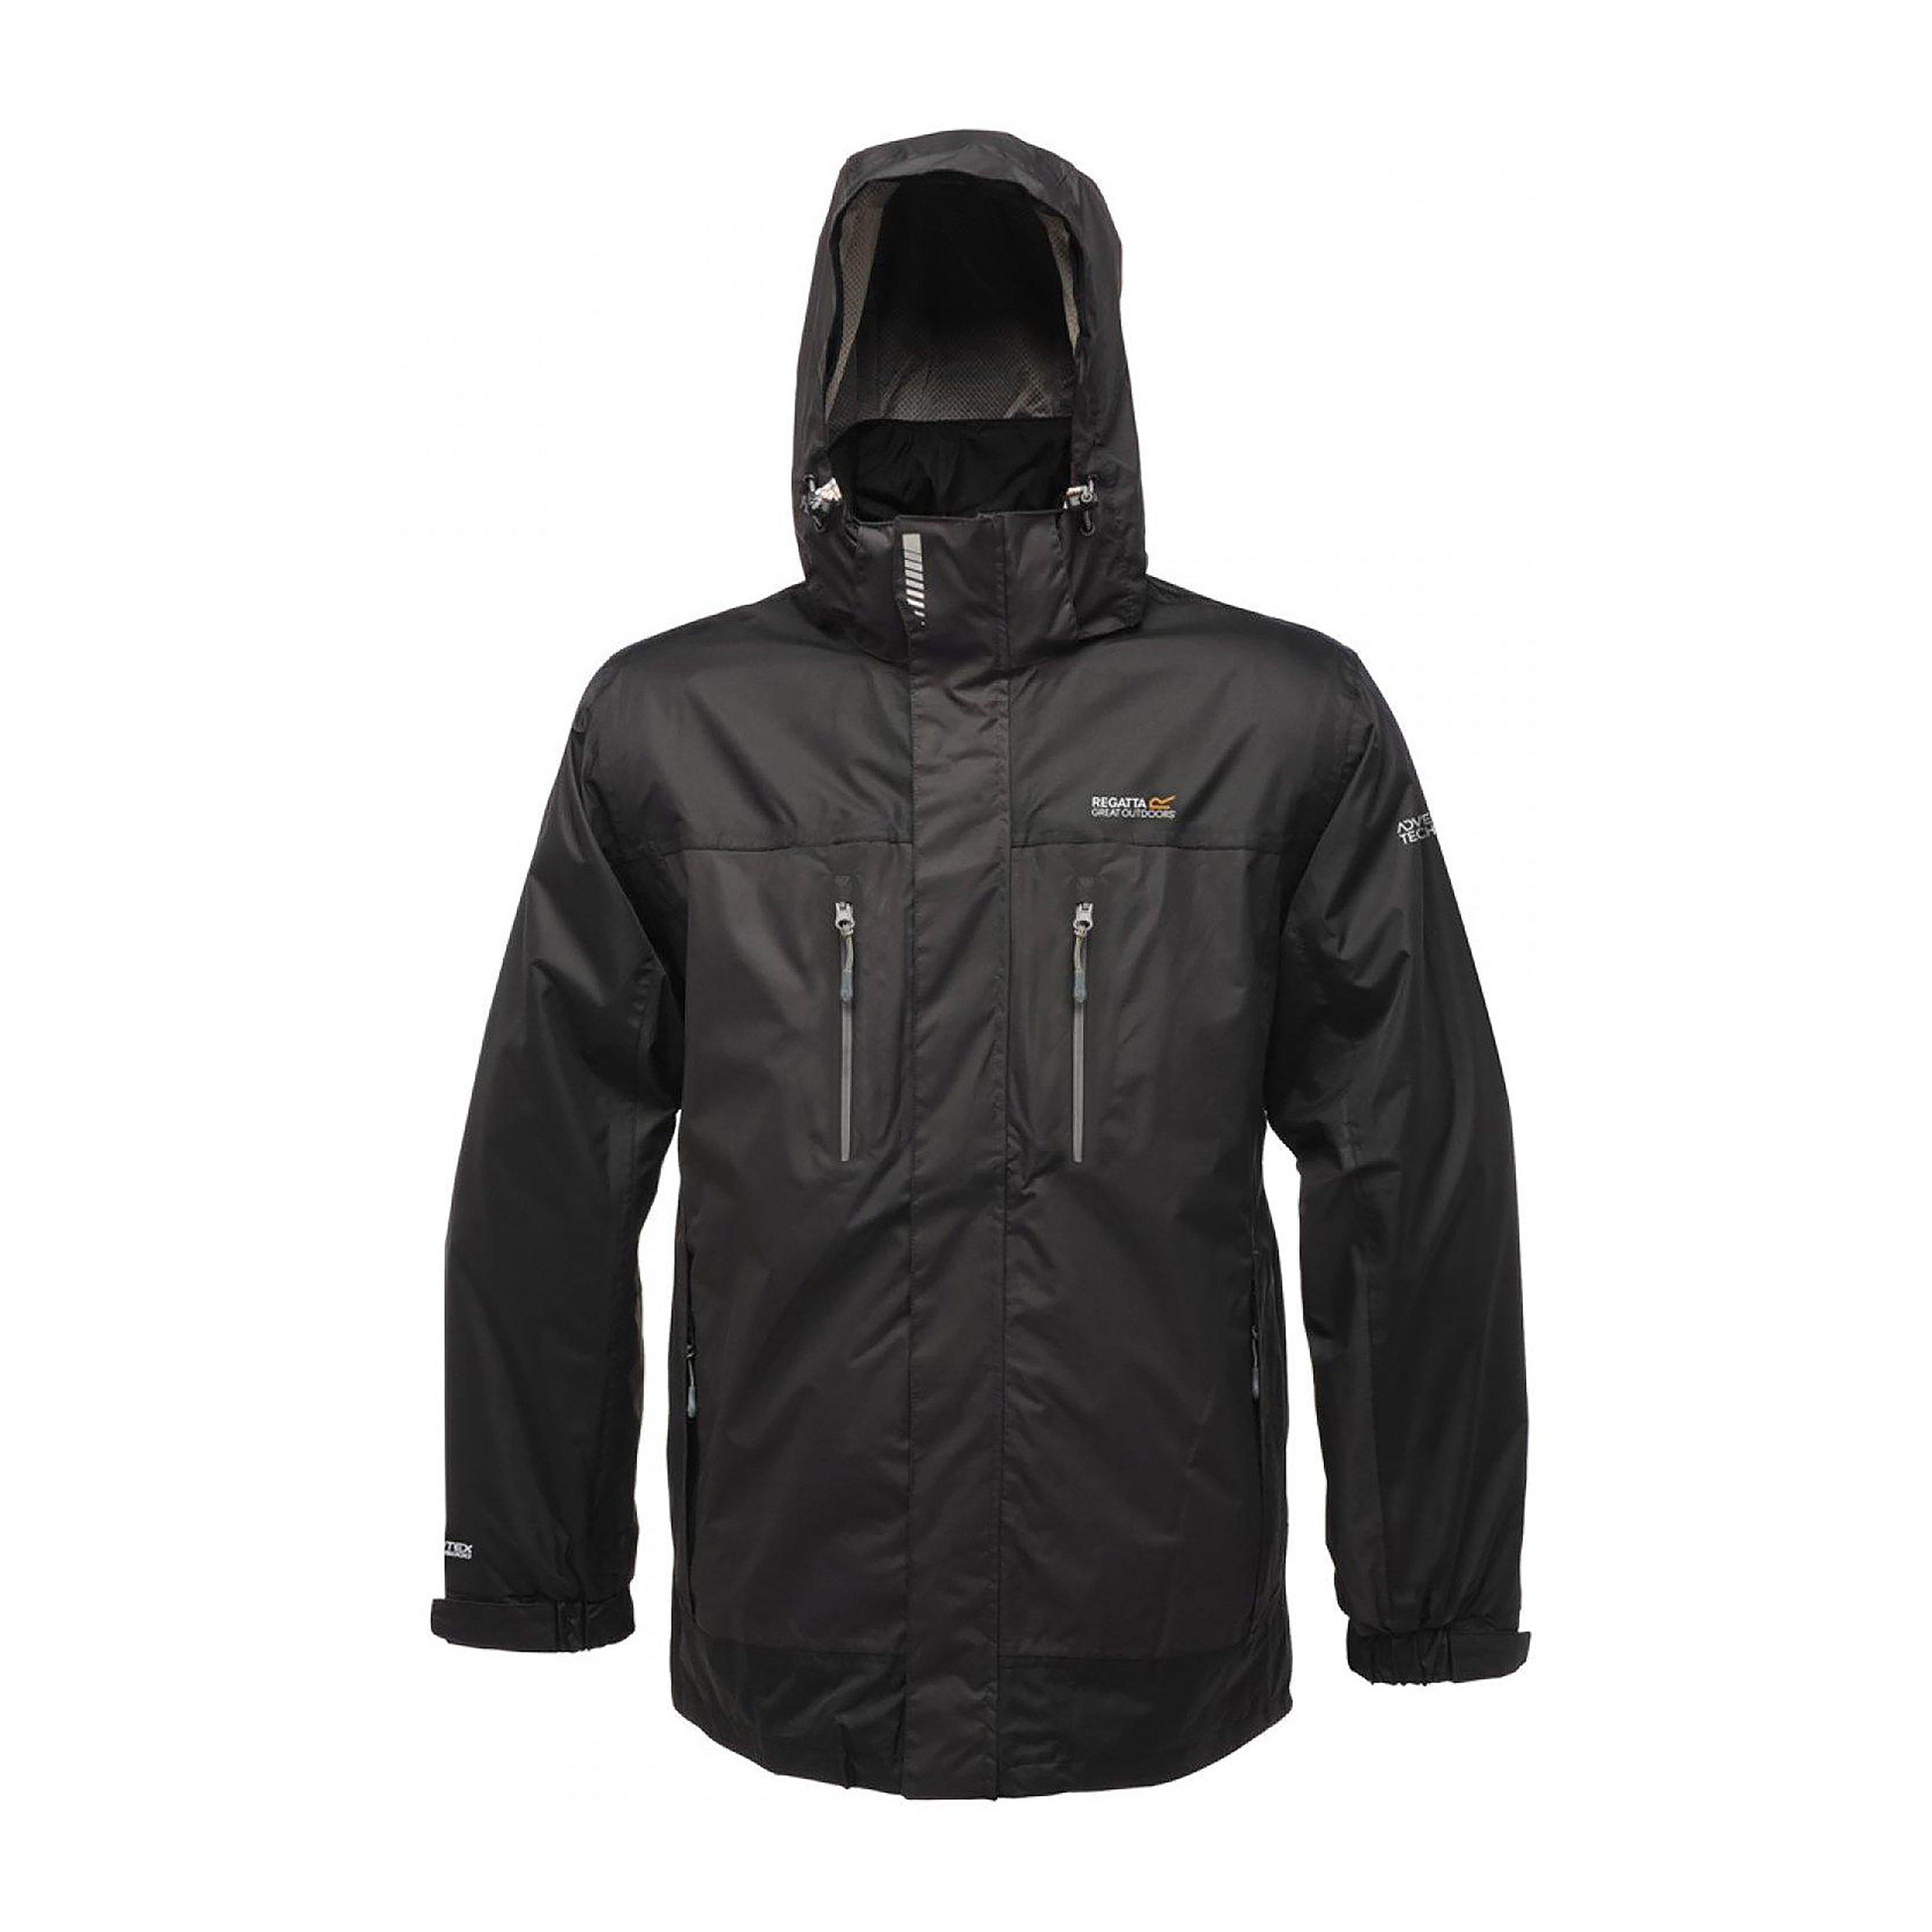 Regatta Mens Calderdale Waterproof Jacket Grey